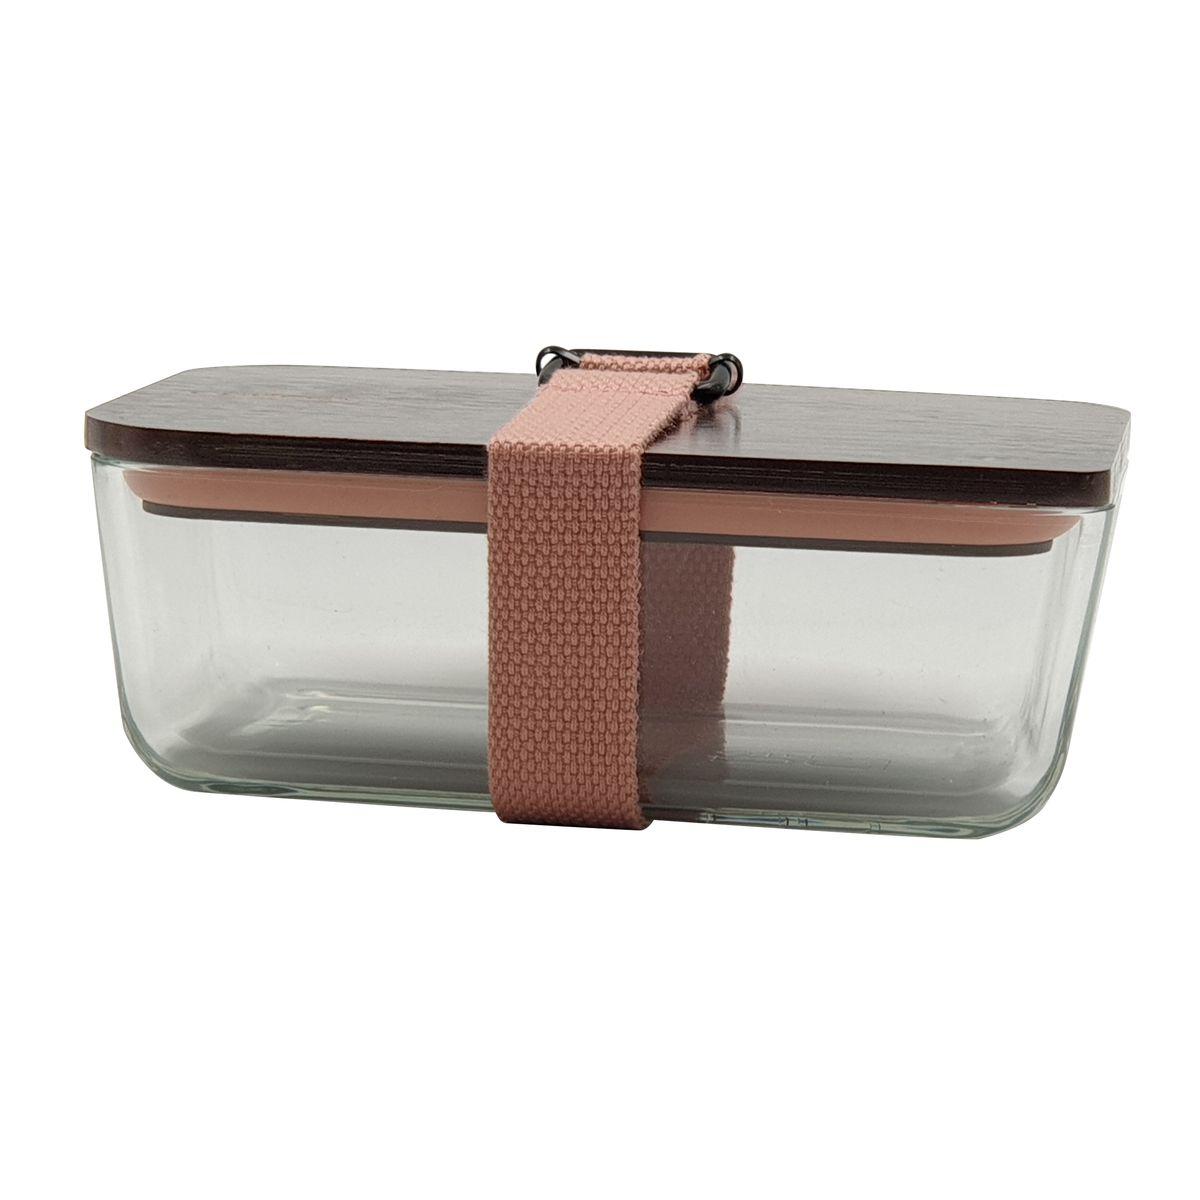 Lunch box rose en verre couvercle bambou 6.5 x 11.7 x 17.5 cm - Cookut